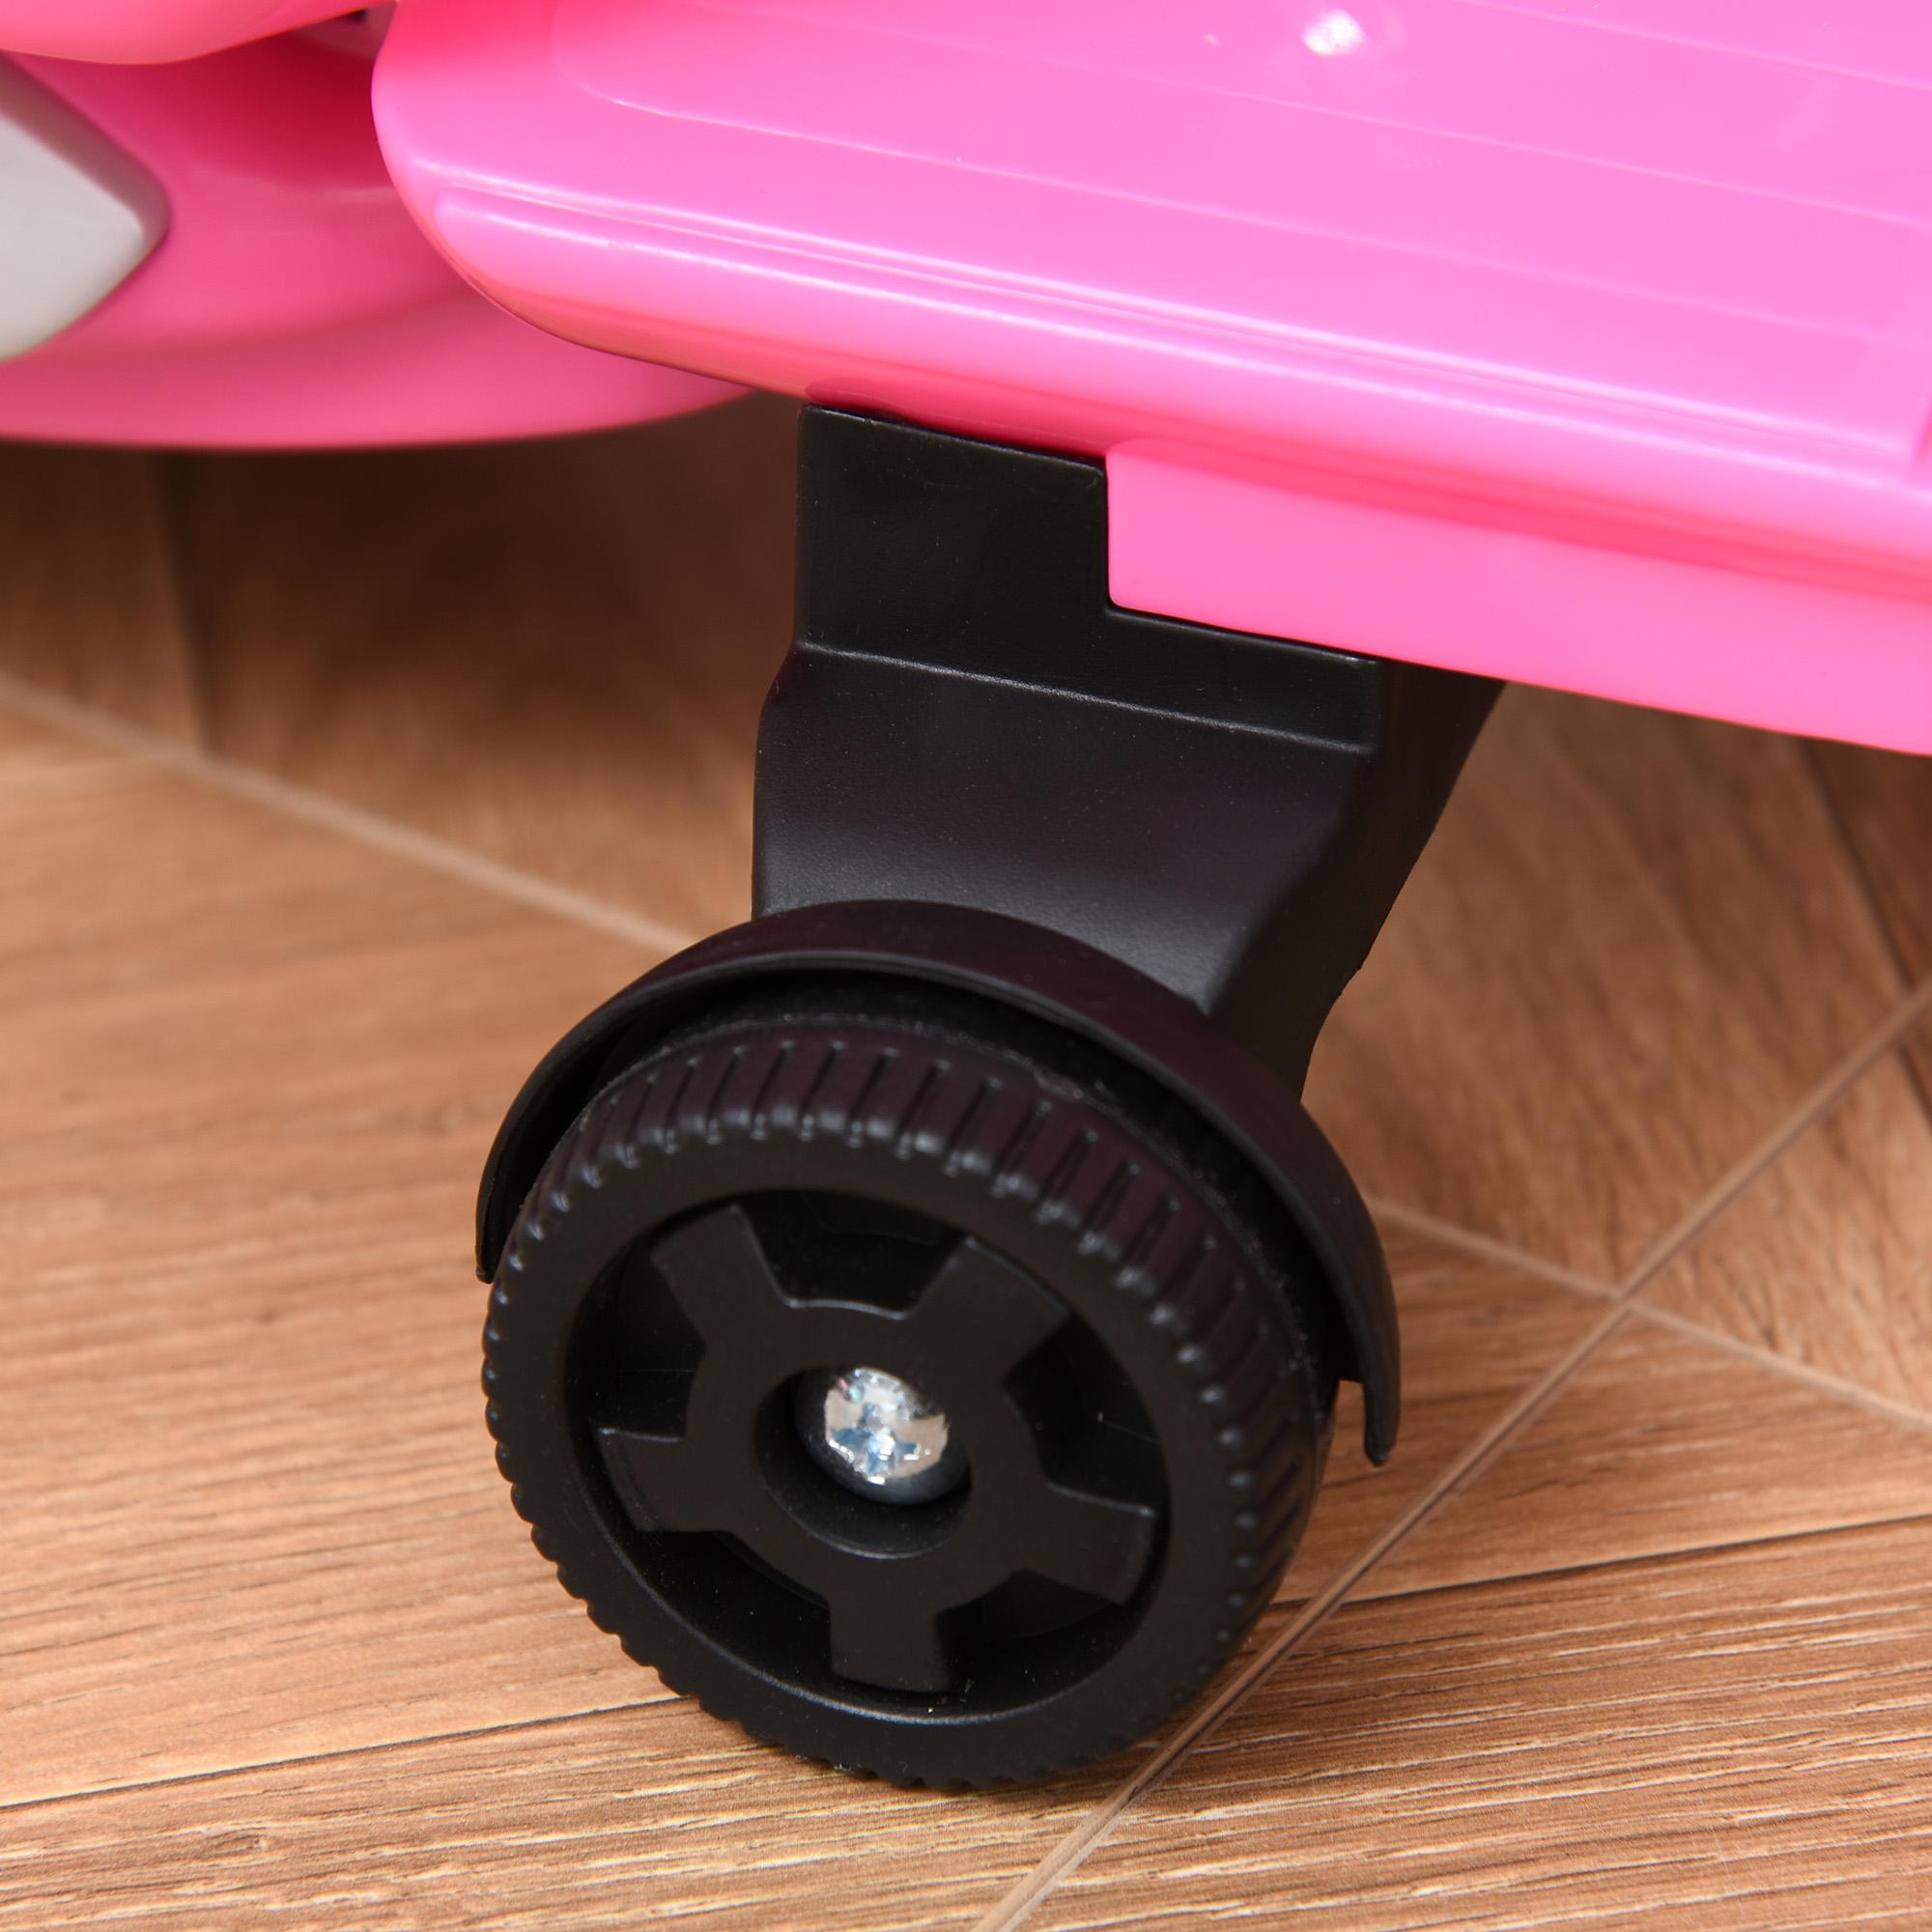 miniatura 16 - Moto Eléctrica Vespa para Niños +18 Meses con Faro Bocina y 4 Ruedas COLOR